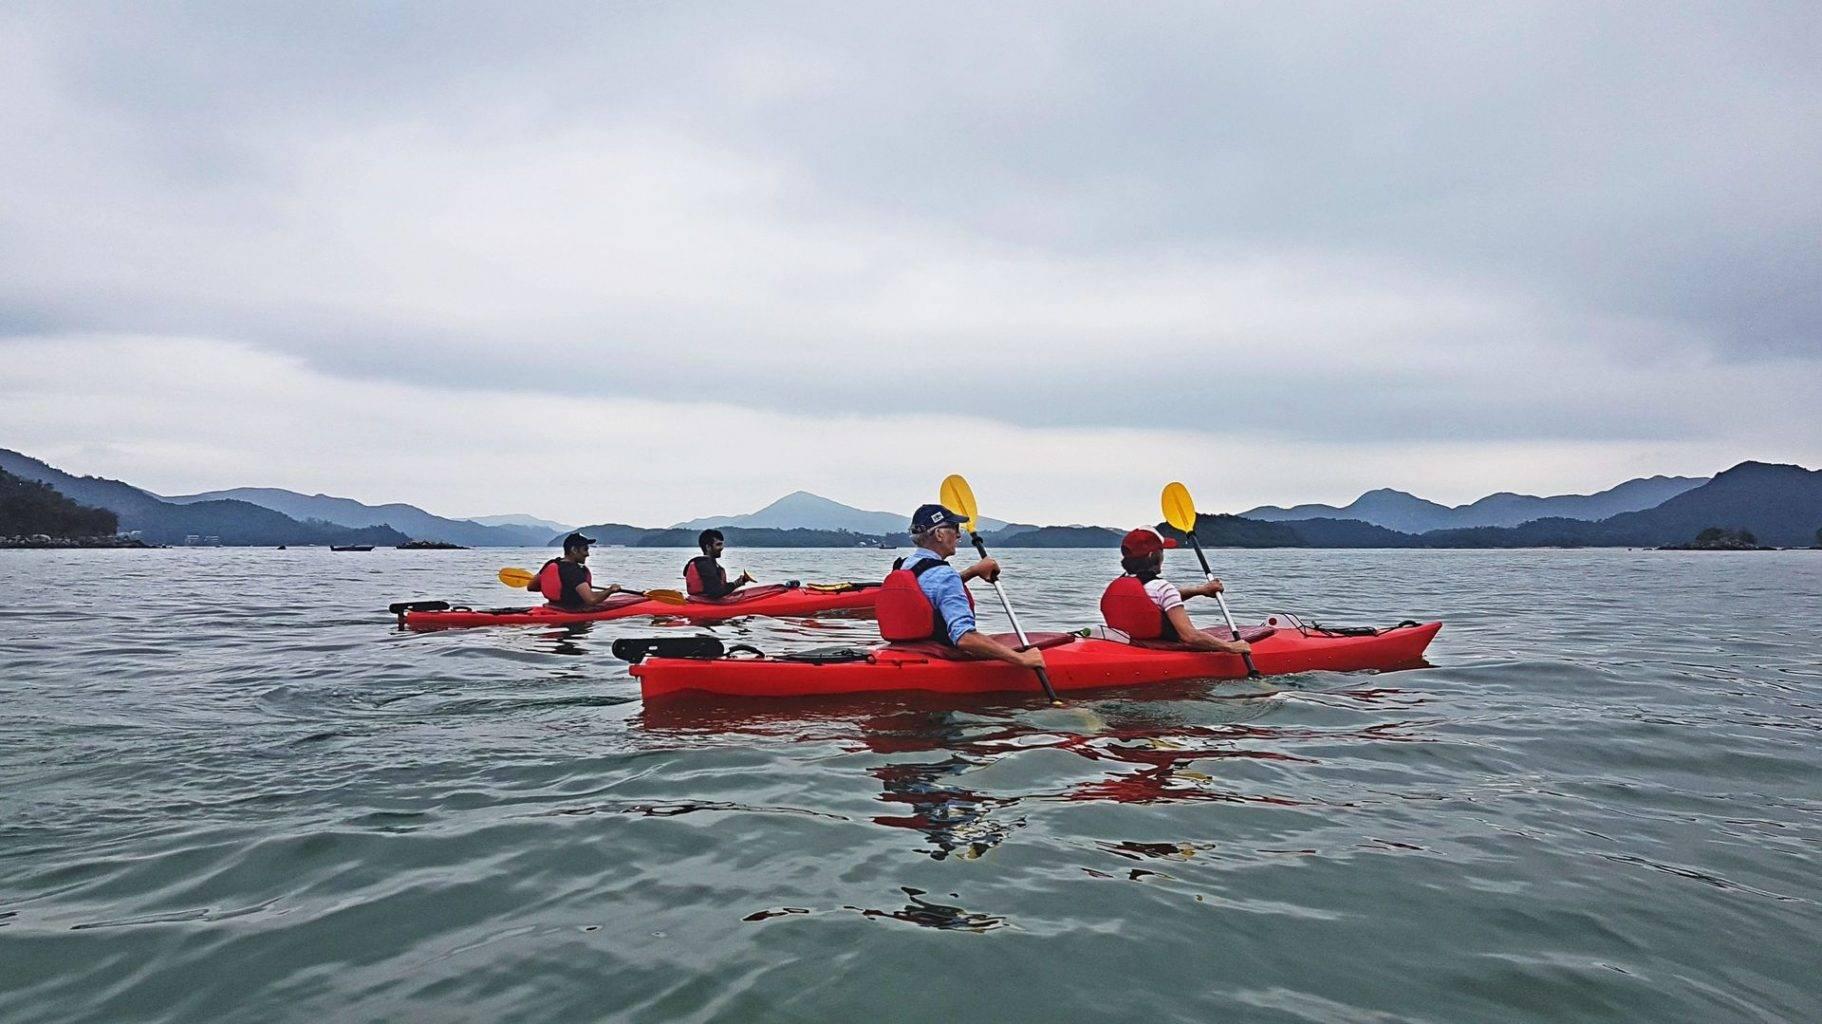 15 Feb 2019 Sea Kayak Hong Kong Sai Kung Geopark 06